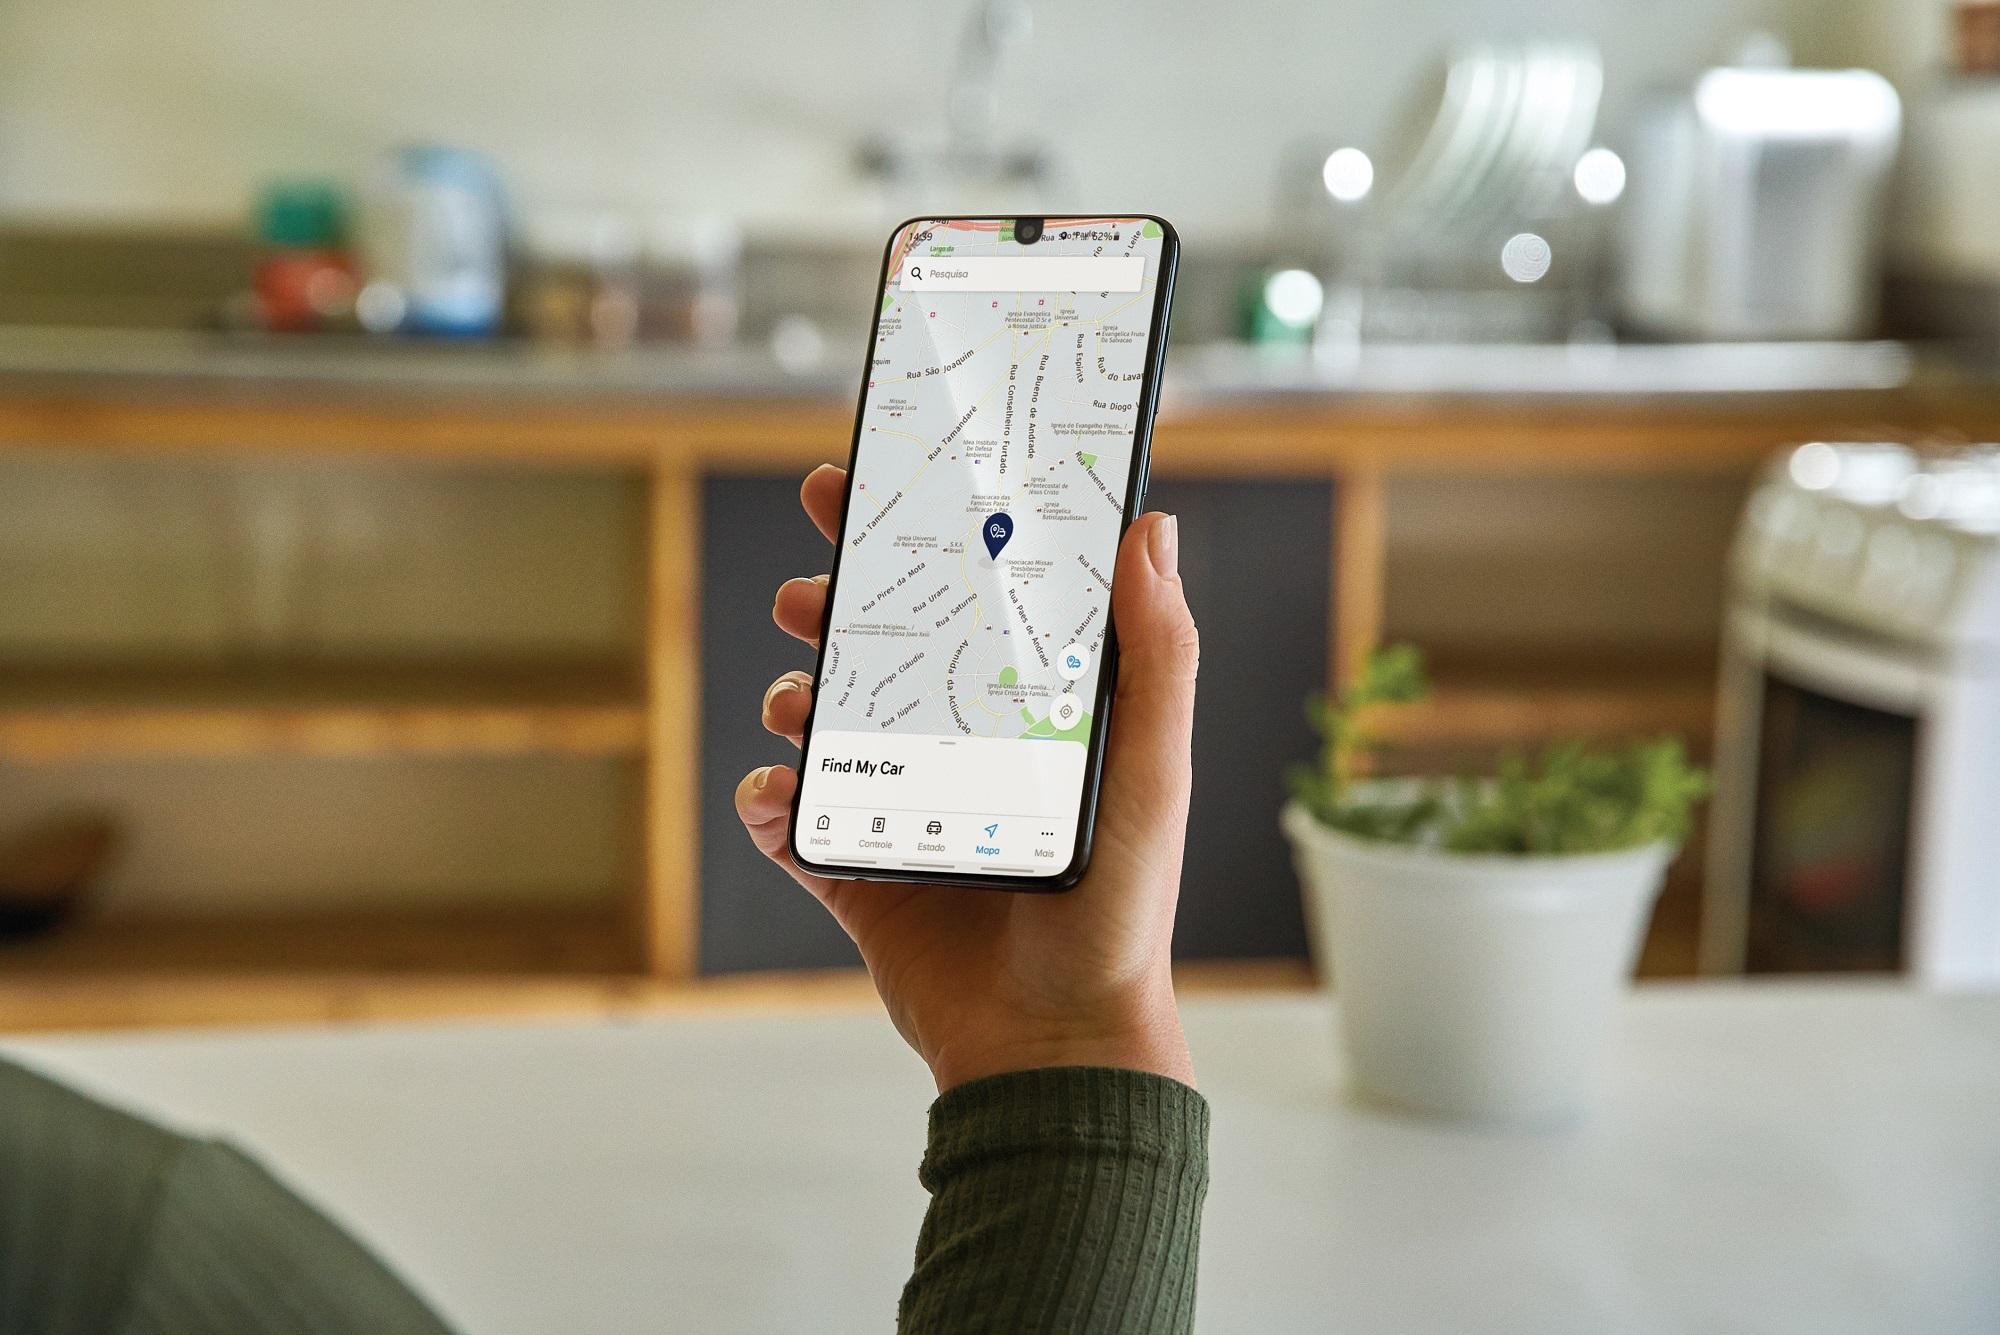 Os carros habilitados são reportados em tempo real ao aplicativo para Android ou iOS